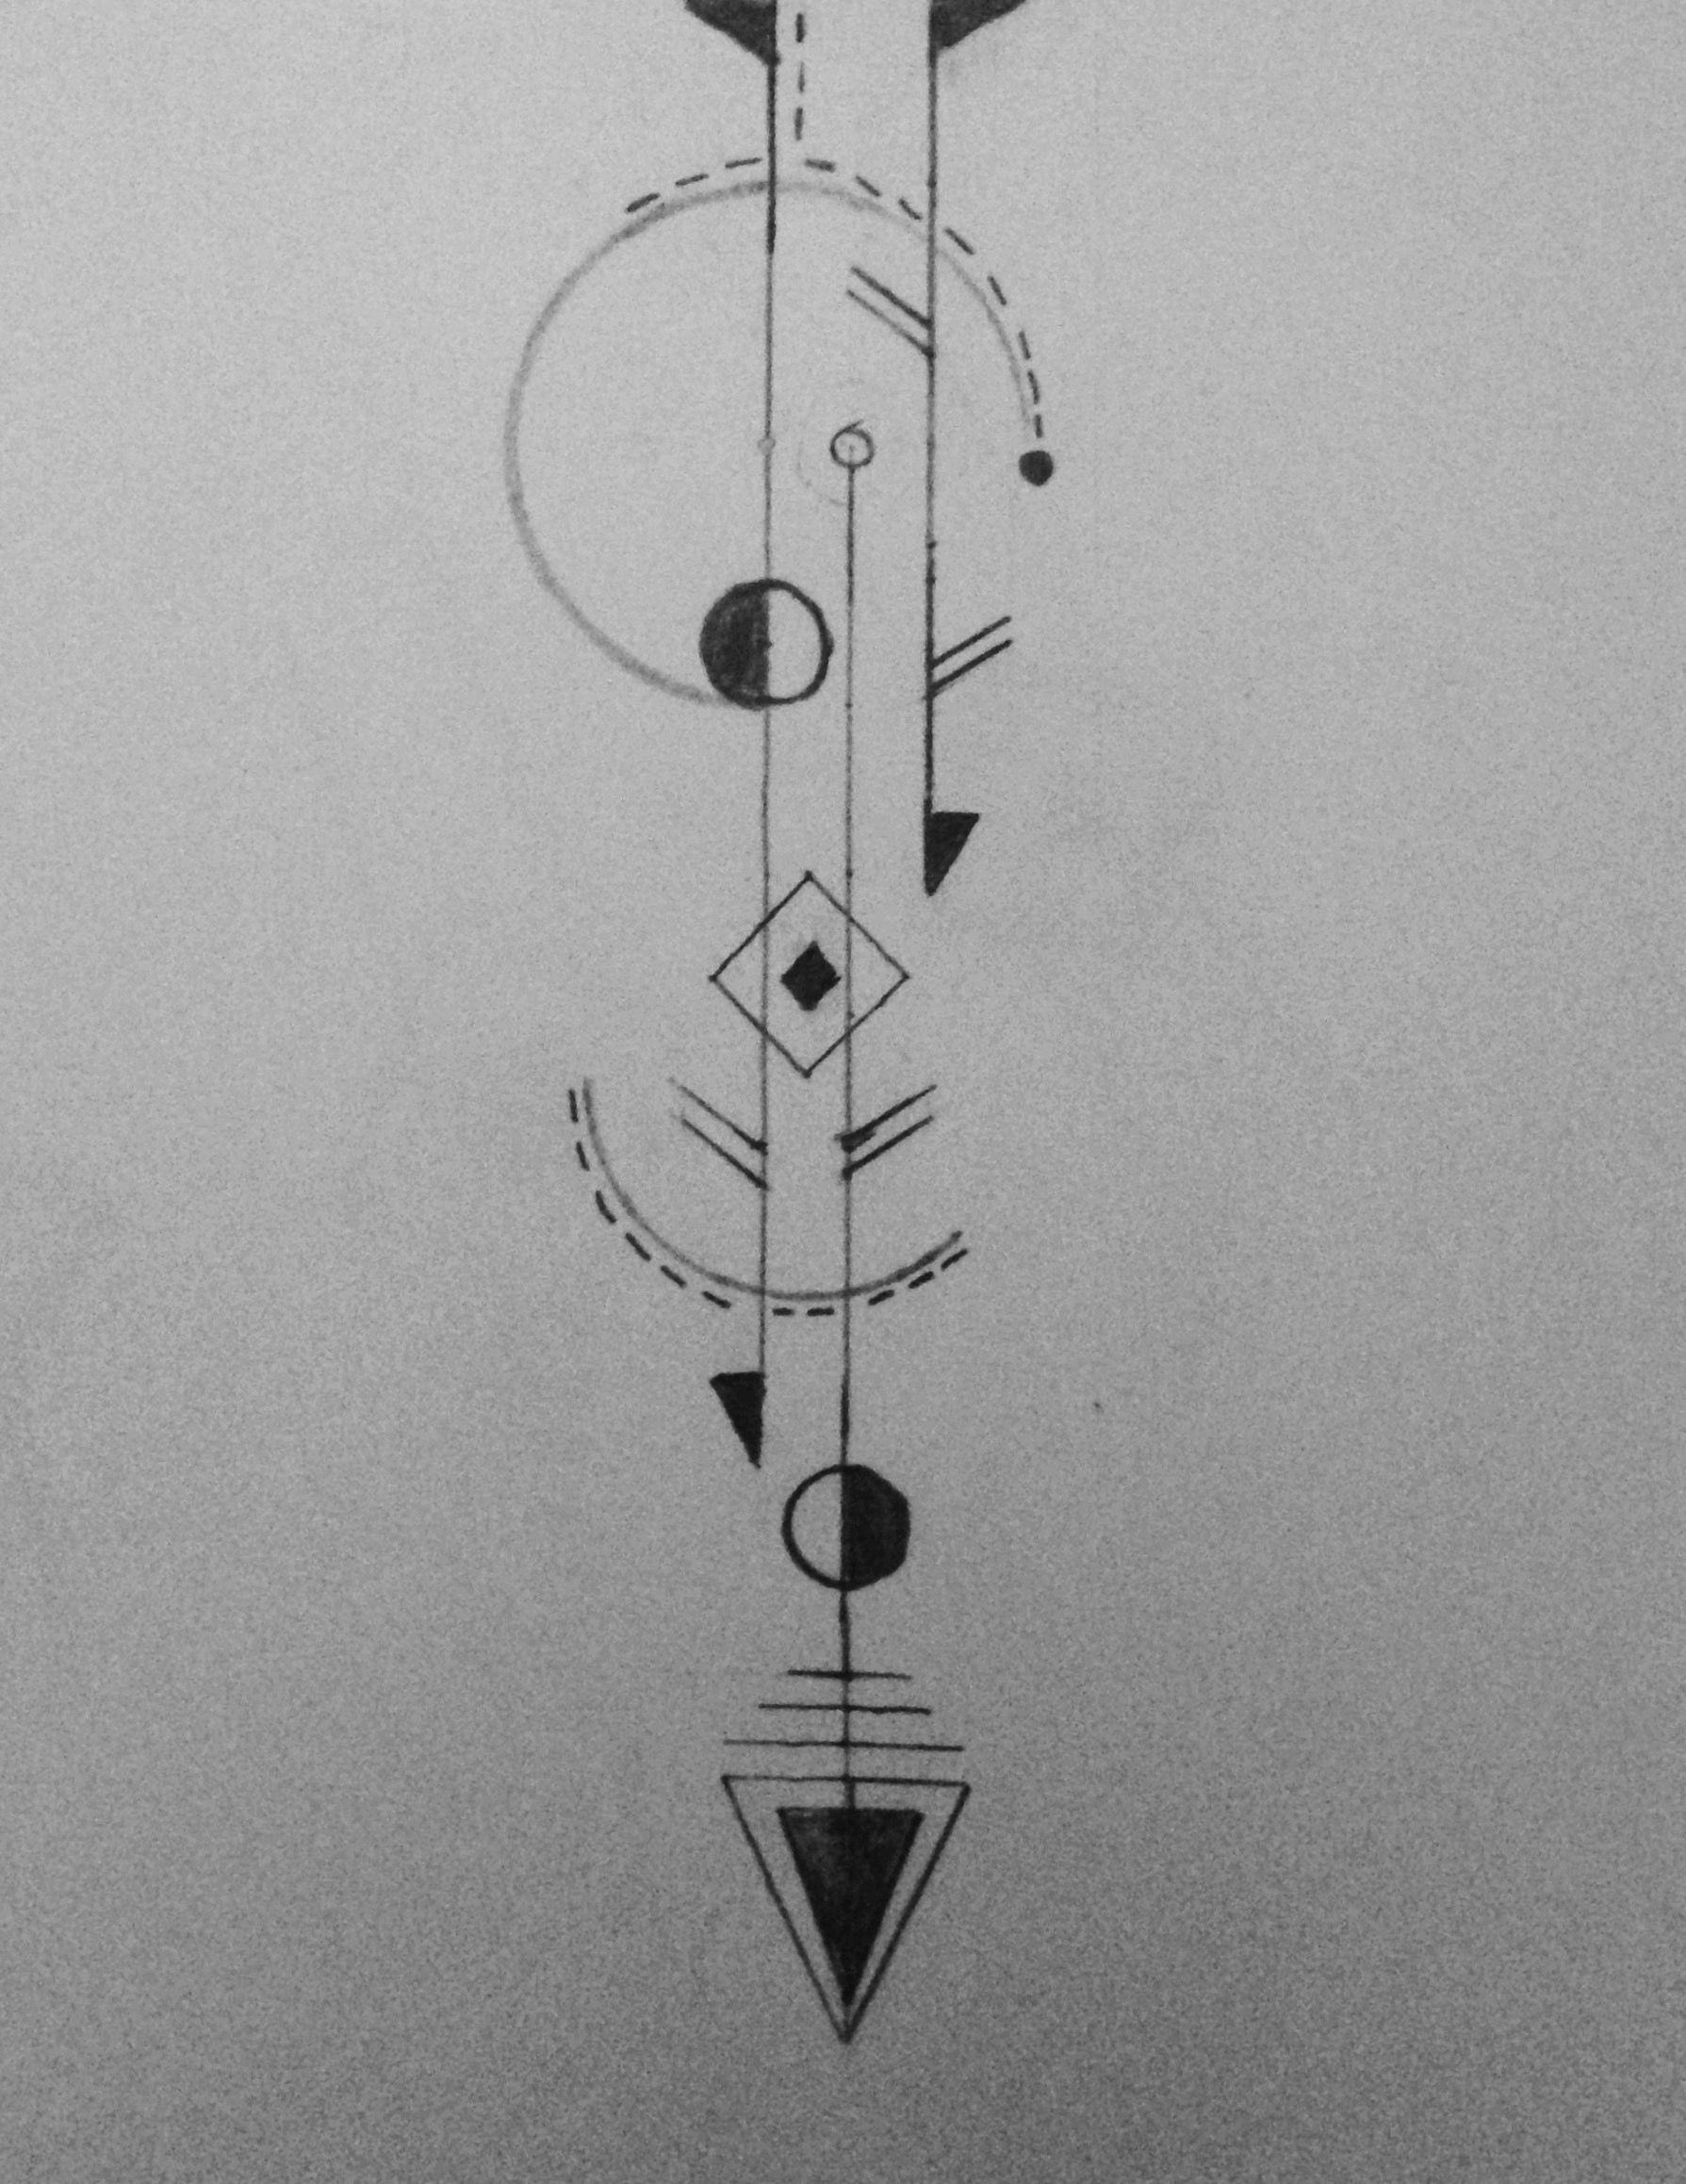 Le Dessin Definitif Taouage Dos Homme Tatouage Geometrique Arrow